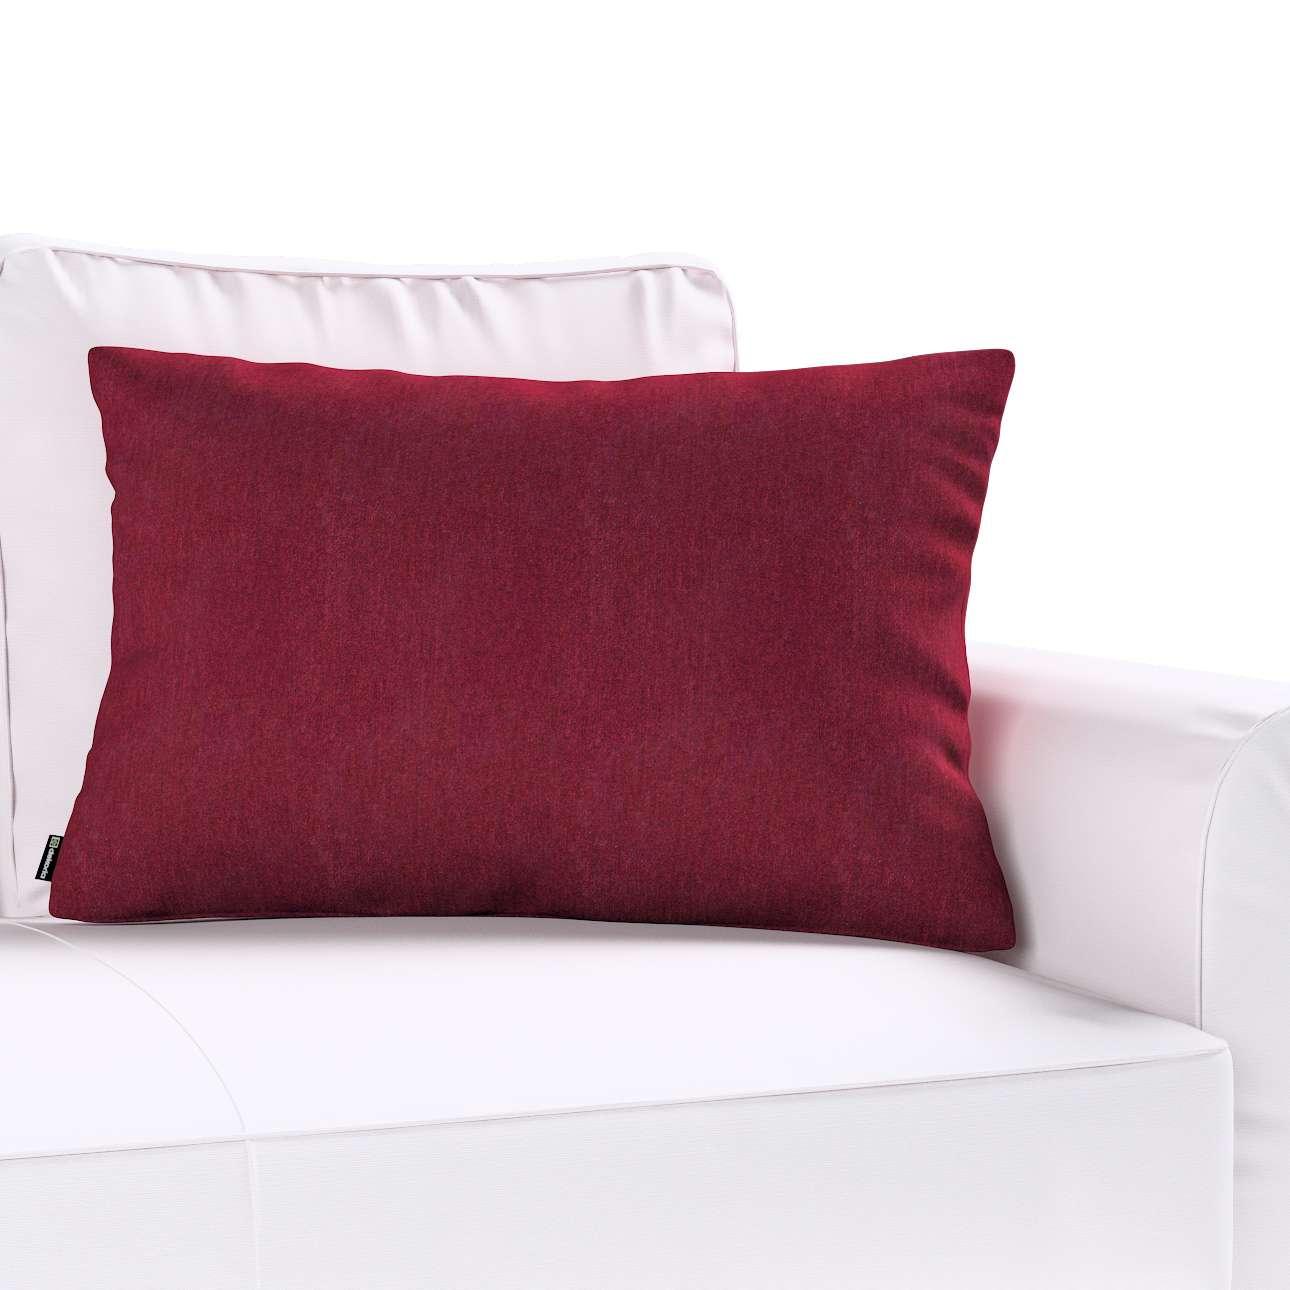 Kinga dekoratyvinės pagalvėlės užvalkalas 60x40cm kolekcijoje Chenille, audinys: 702-19